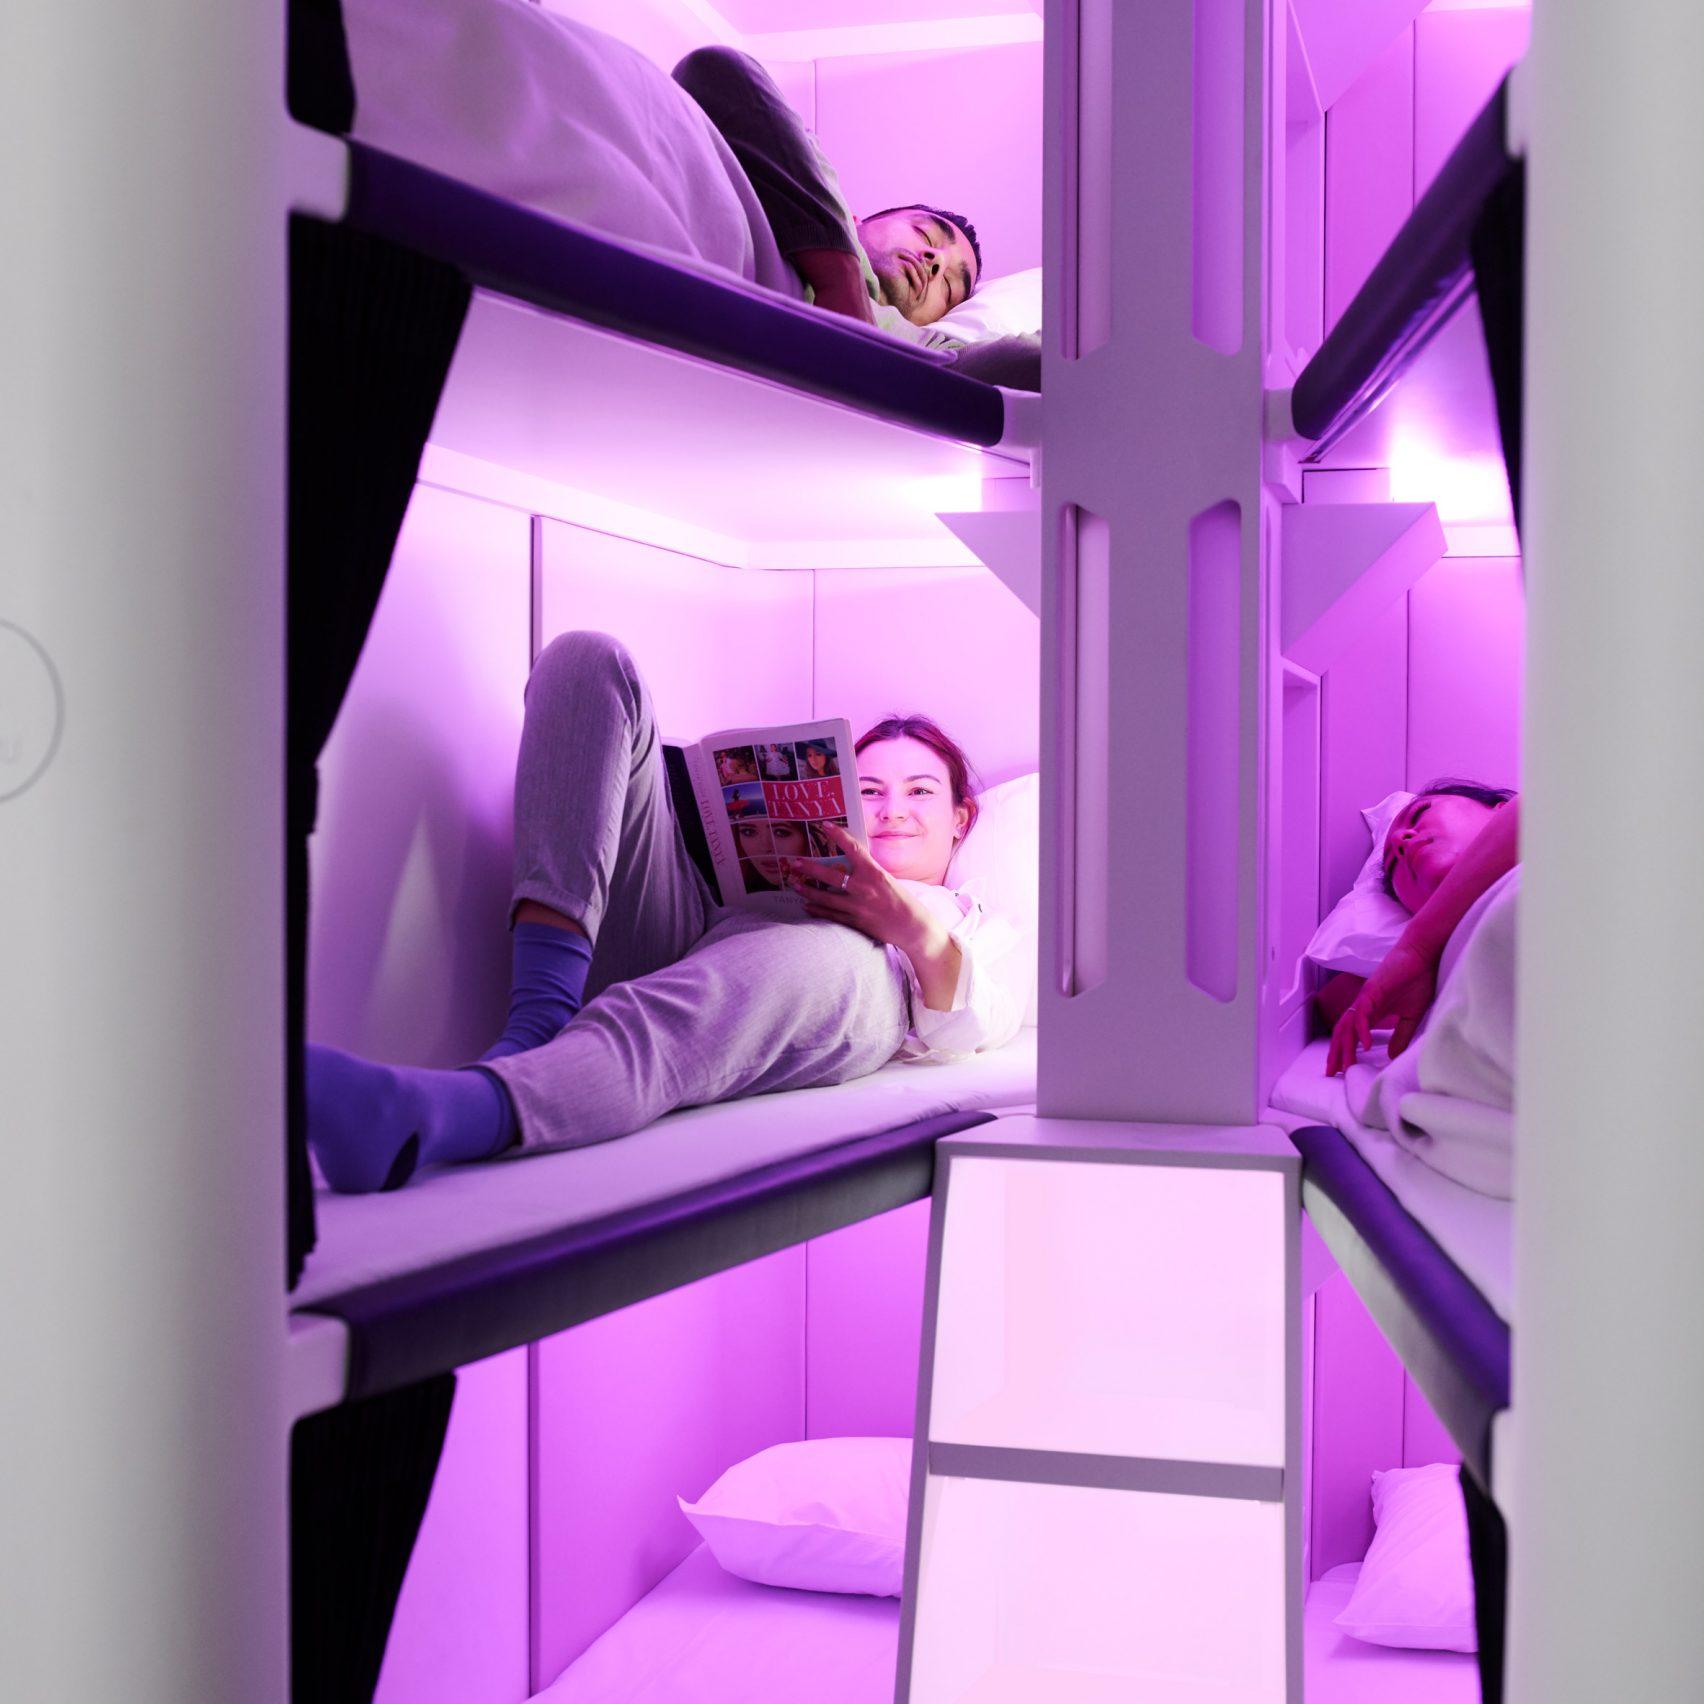 에어뉴질랜드, 이코노미승객위한 수면실 개발